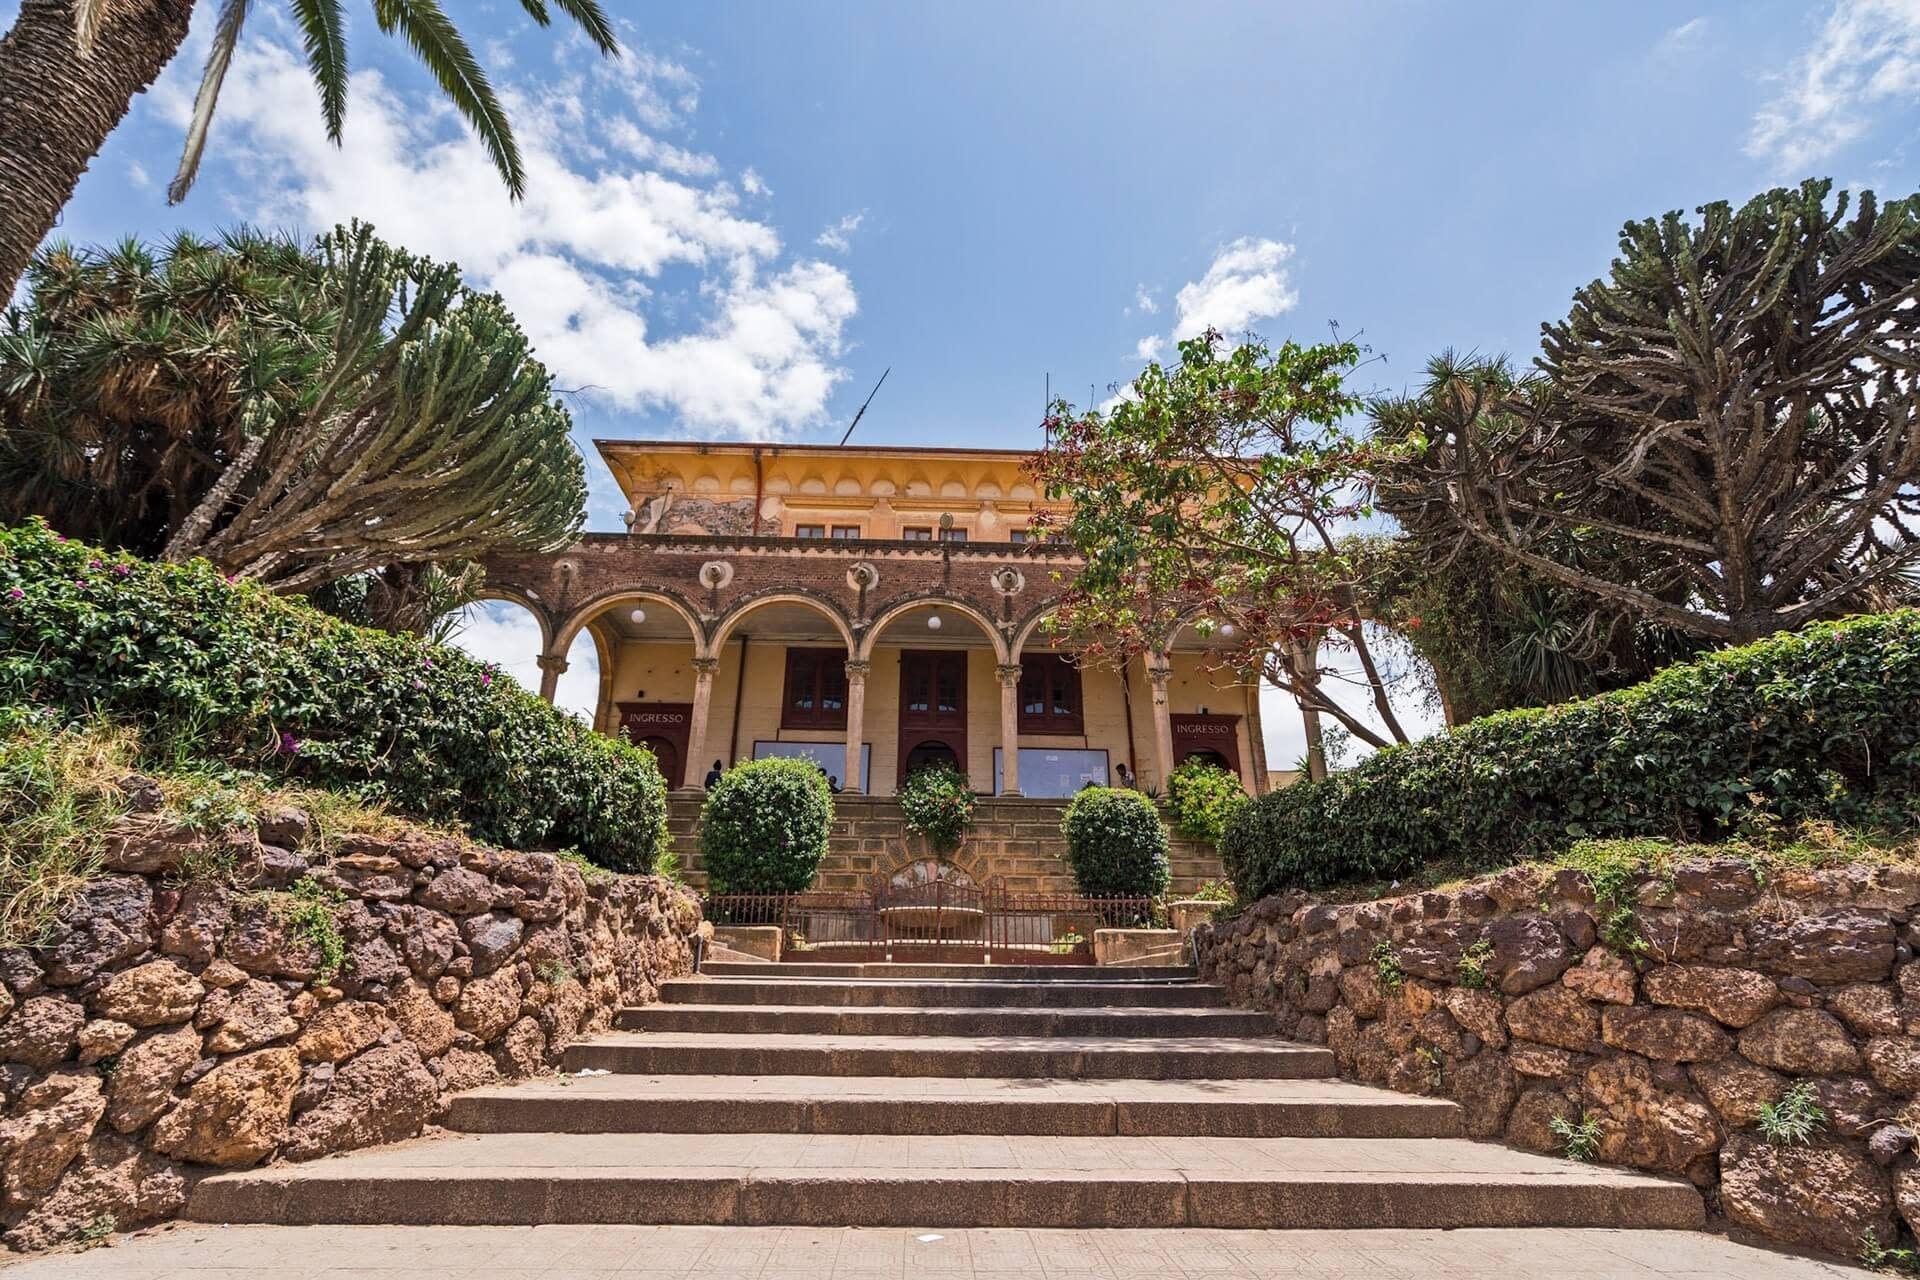 Asmara teater och operahus - attraktioner i Eritrea, Sevardheter i Eritrea